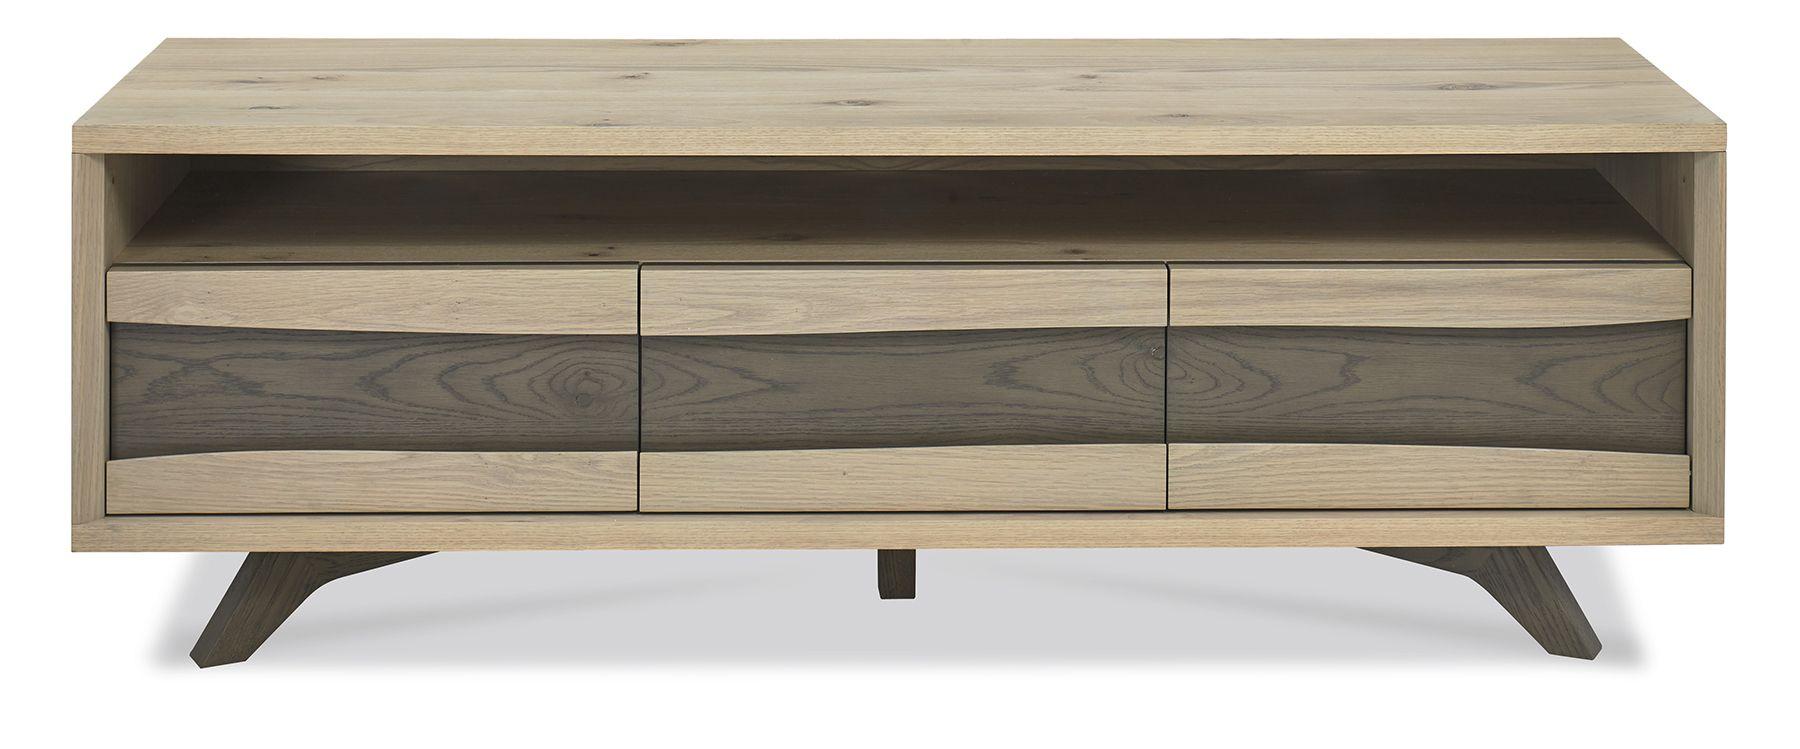 CARELL TV UNIT - L150cm x D45cm xH51cm - FRONT DETAIL